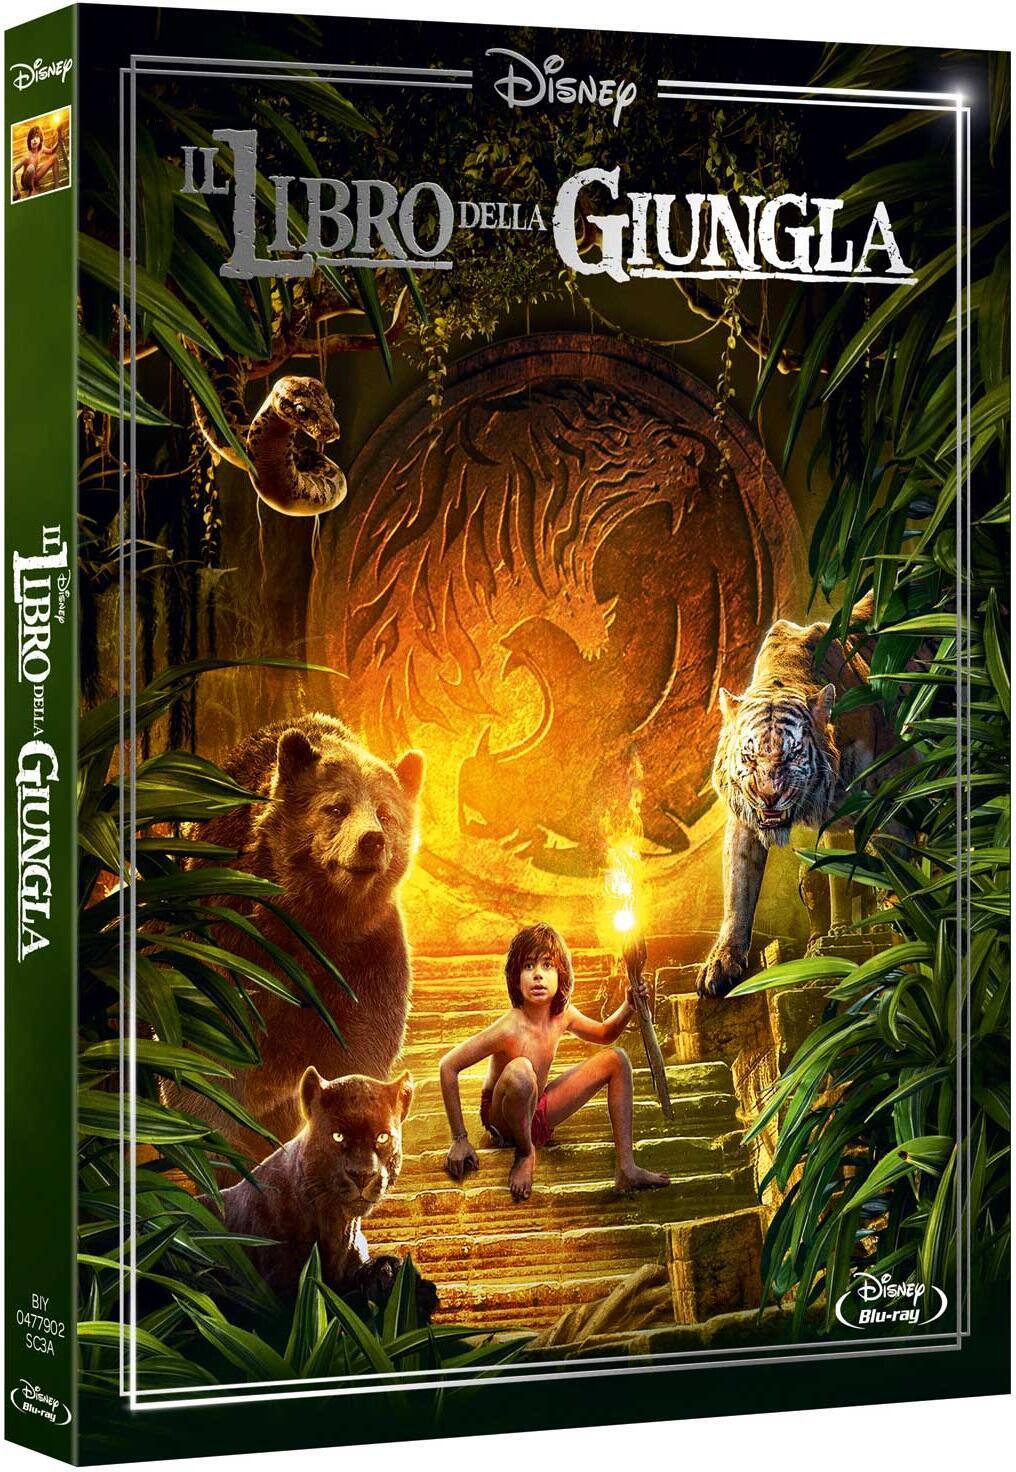 Il libro della giungla. Live Action. Editione 2017 (DVD